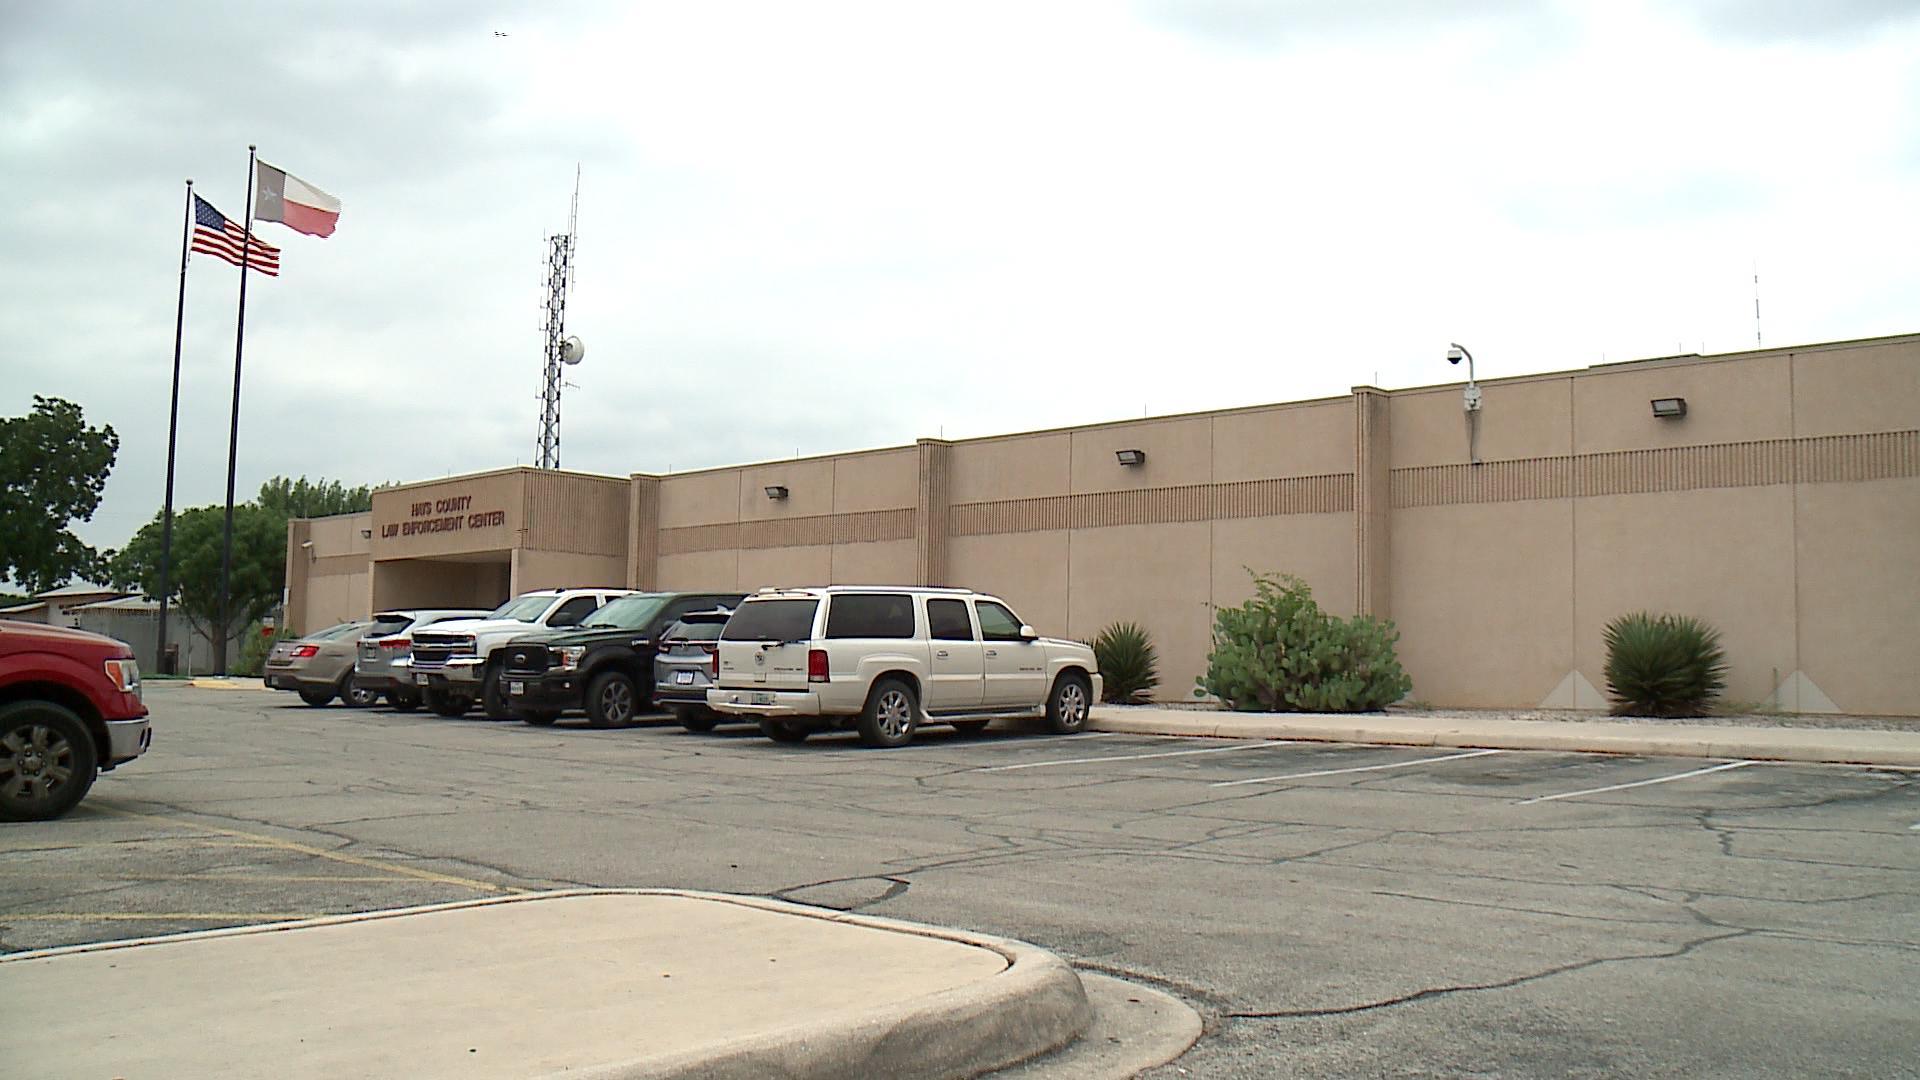 Hays County Jail